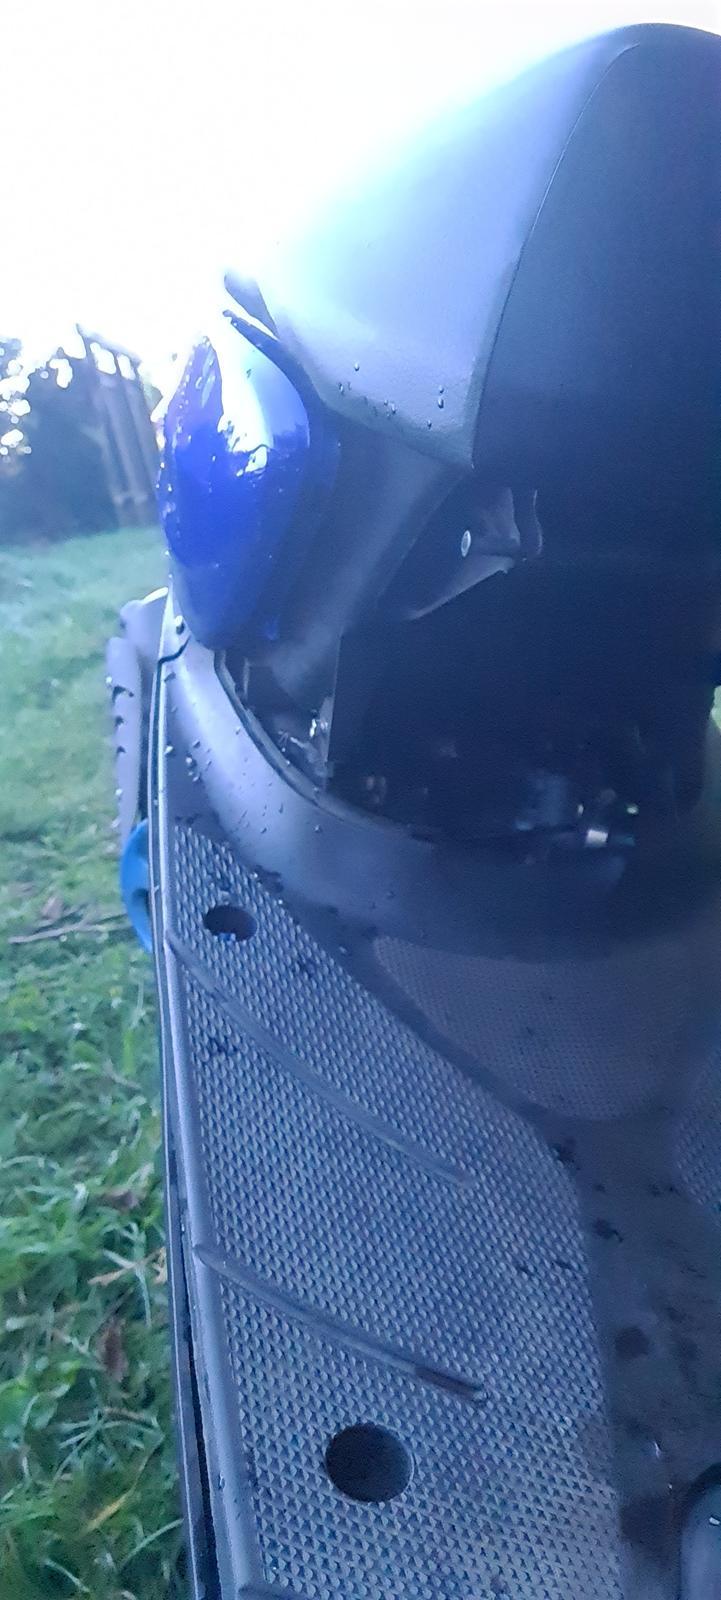 Yamaha Jog space innovation  billede 7